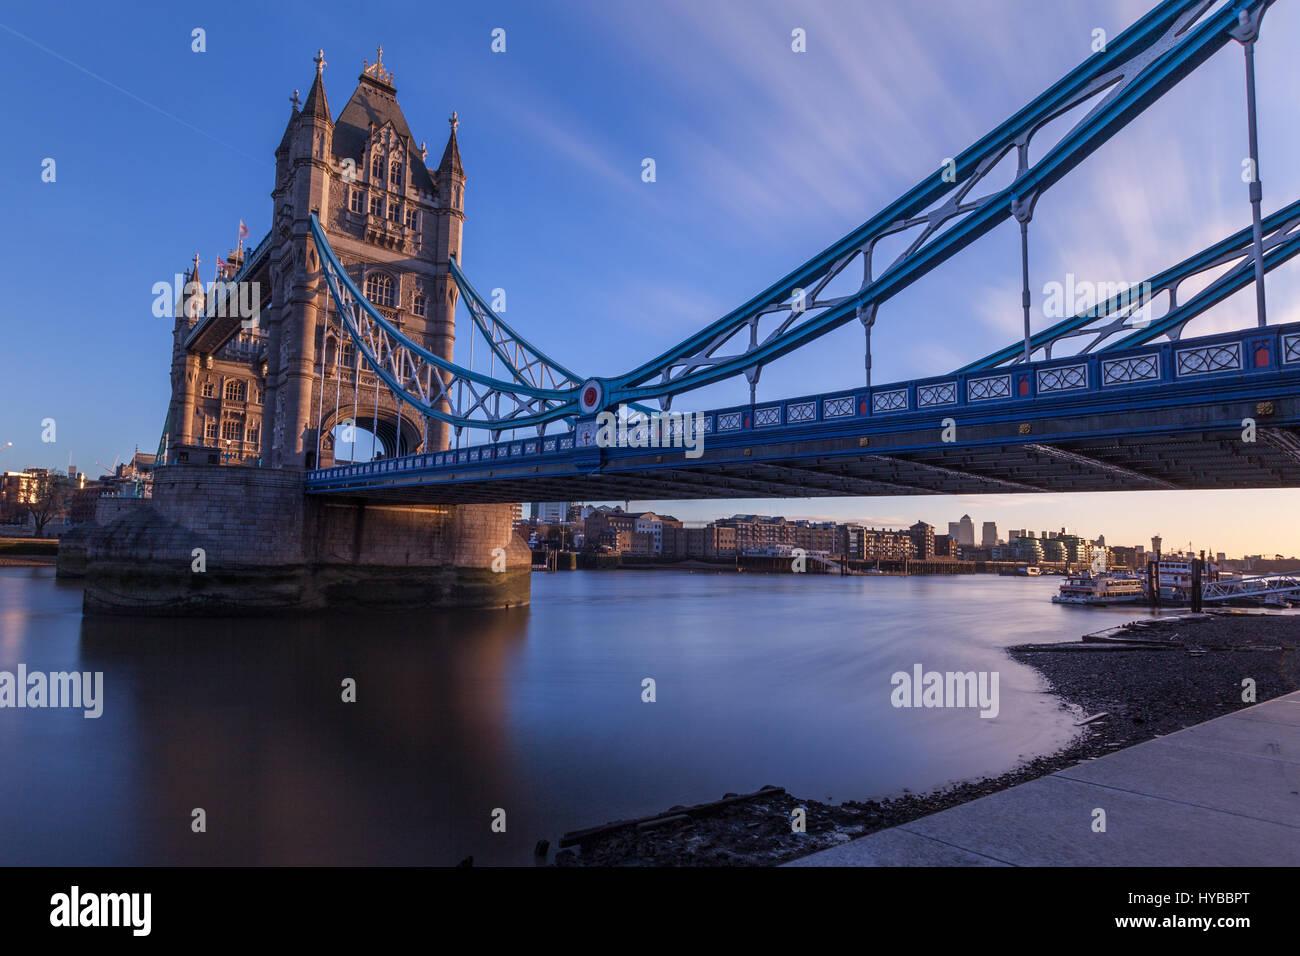 Il Tower Bridge di Londra si vede a sunrise. Londra, Regno Unito Immagini Stock